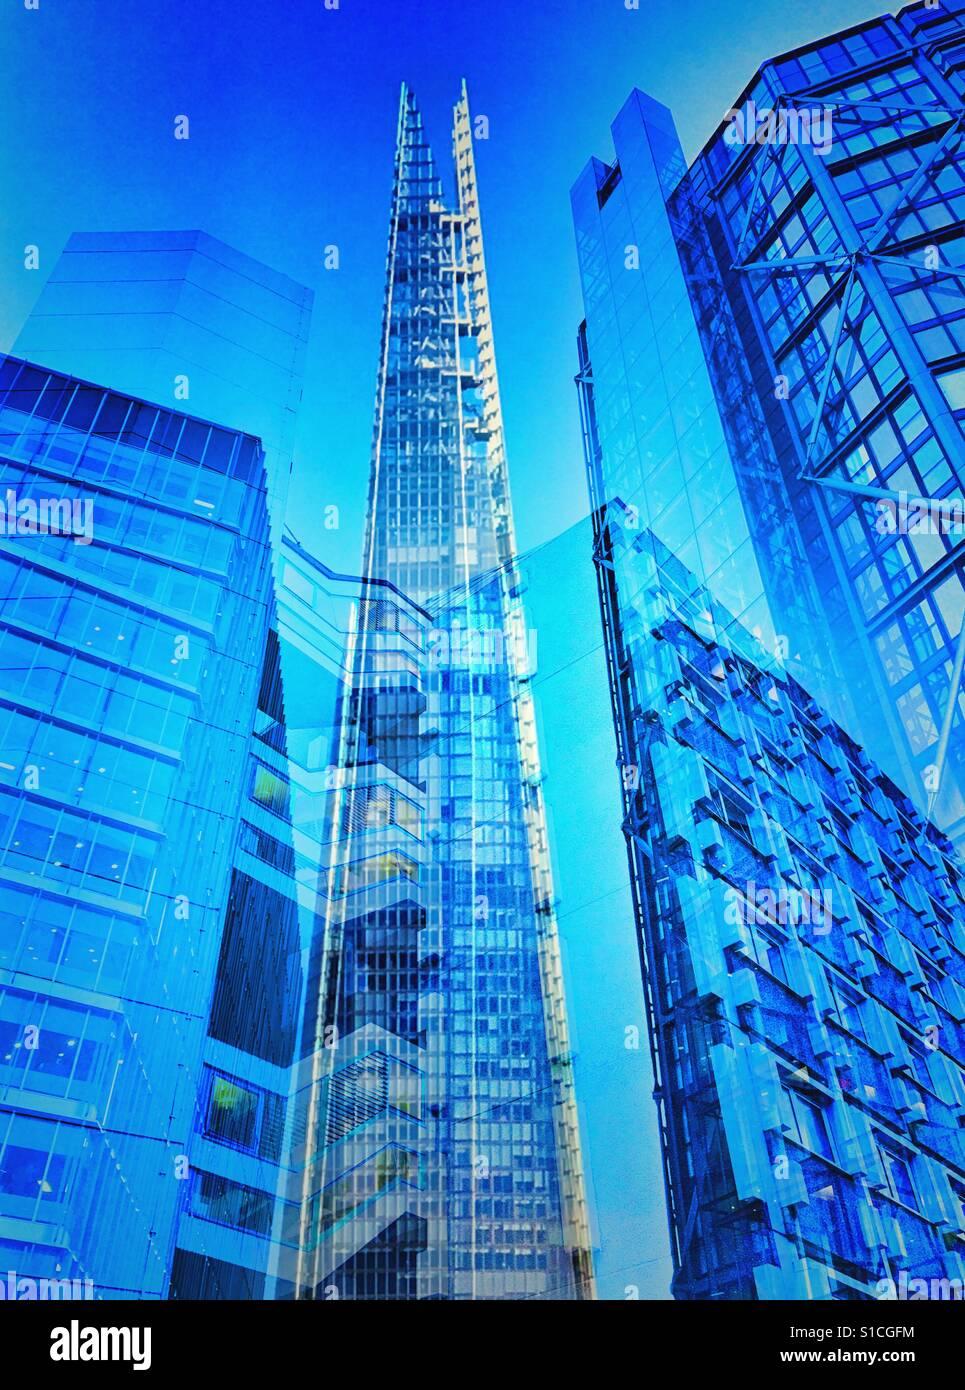 Le Shard et autres bâtiments à Londres illustré comme une image abstraite Photo Stock